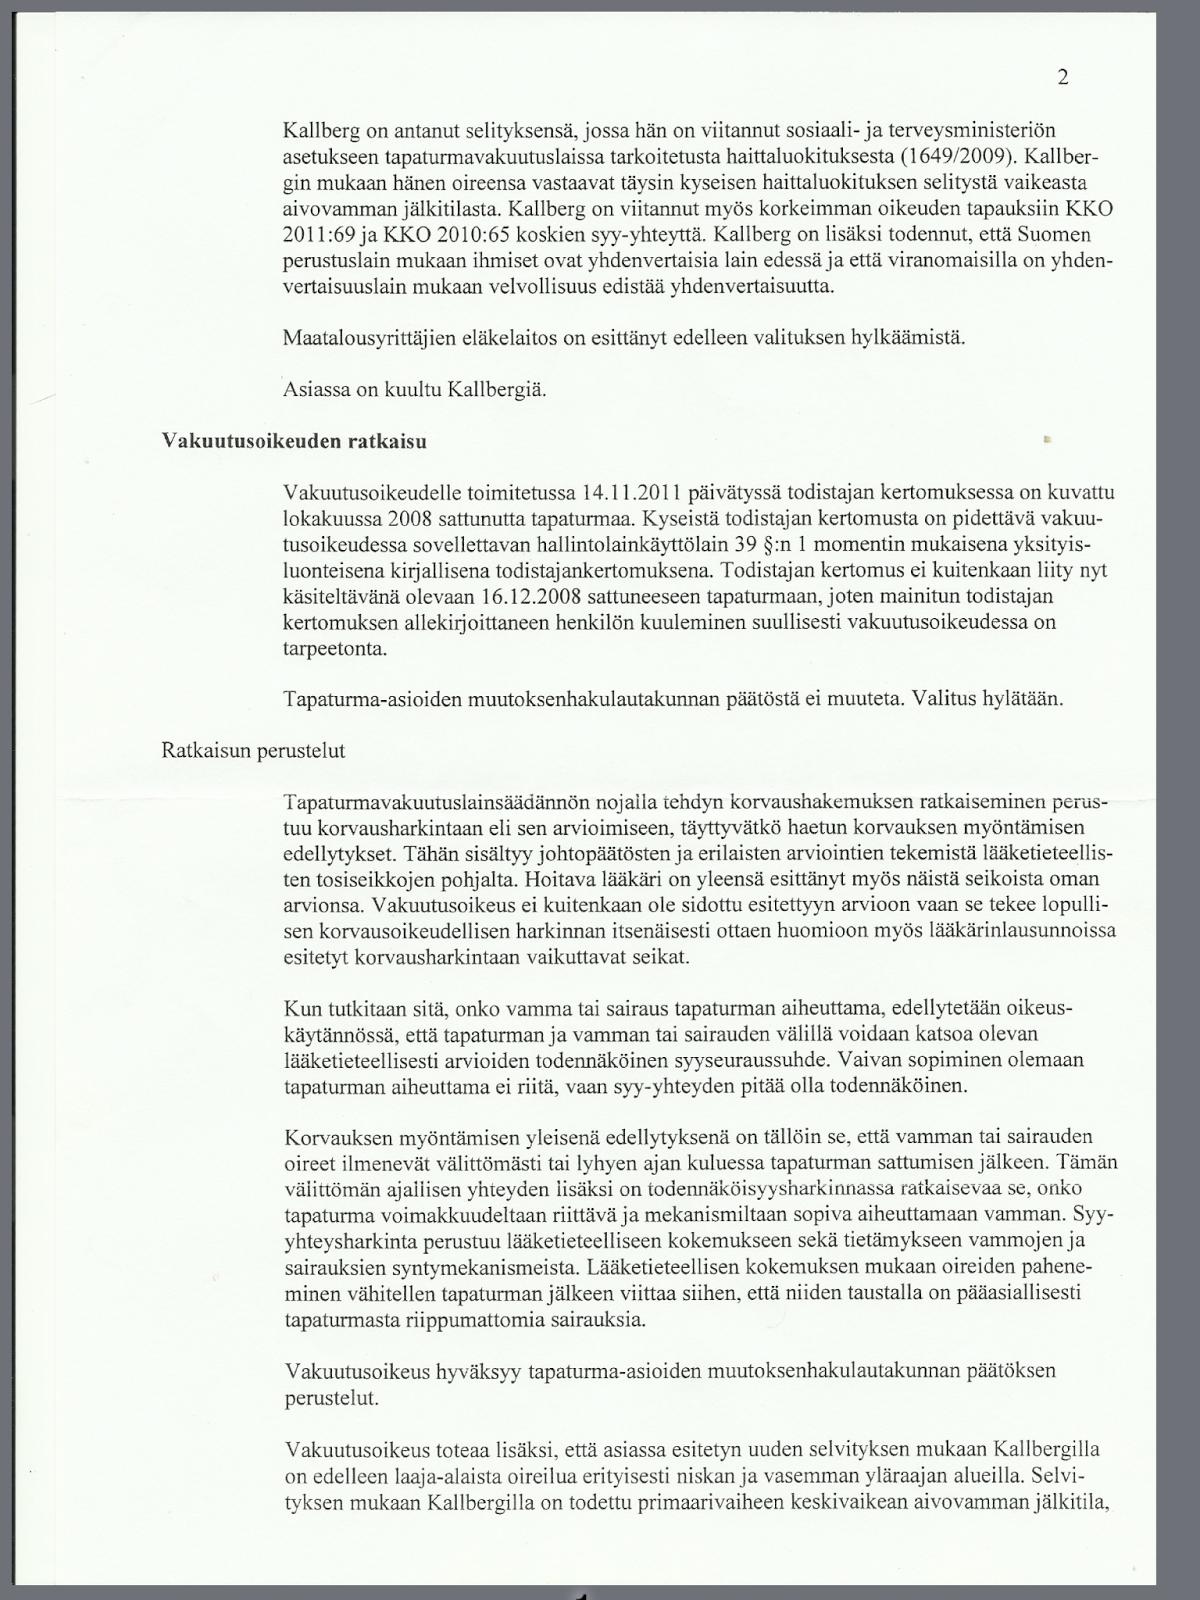 Älä sairastu vakavasti!: Tapaus Hans Kallberg, osa 3 – Vakuutuslääketiede vs todellinen lääketiede